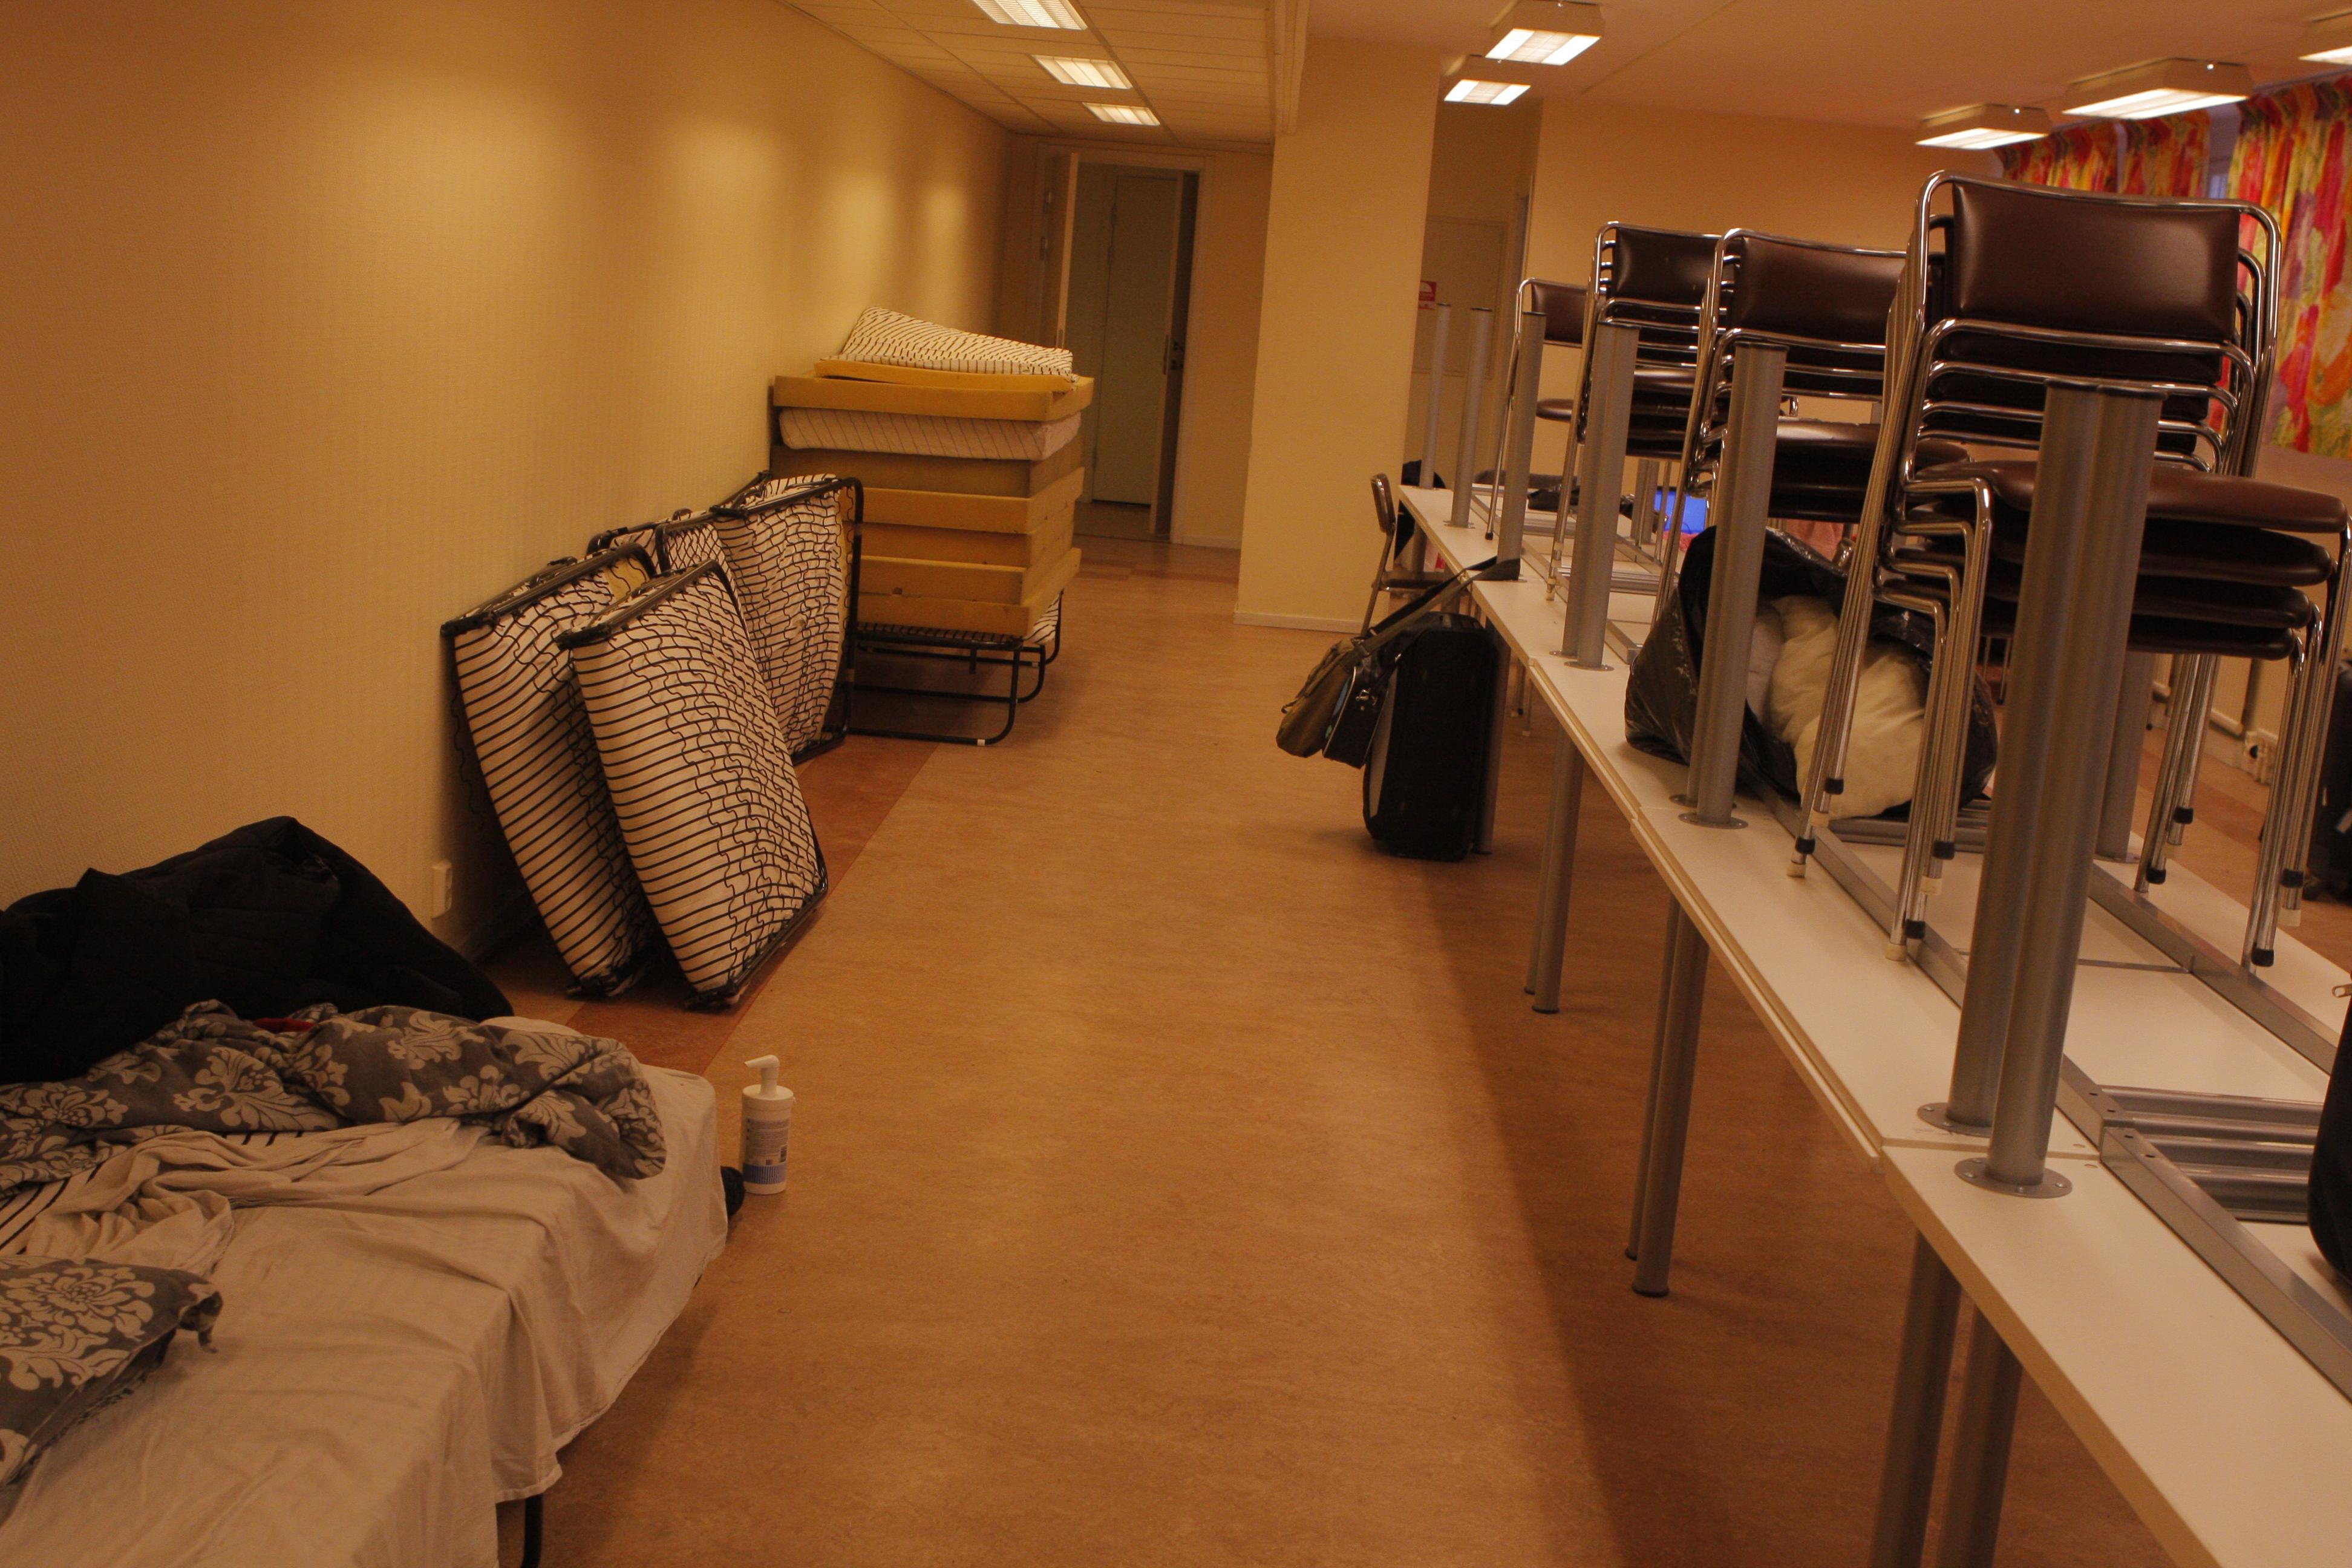 Vegagatan 16 ordnades för gruppförläggning för gästerna. Manhems lager av skumgummimadrasser och tältsängar fick än en gång göra tjänst.